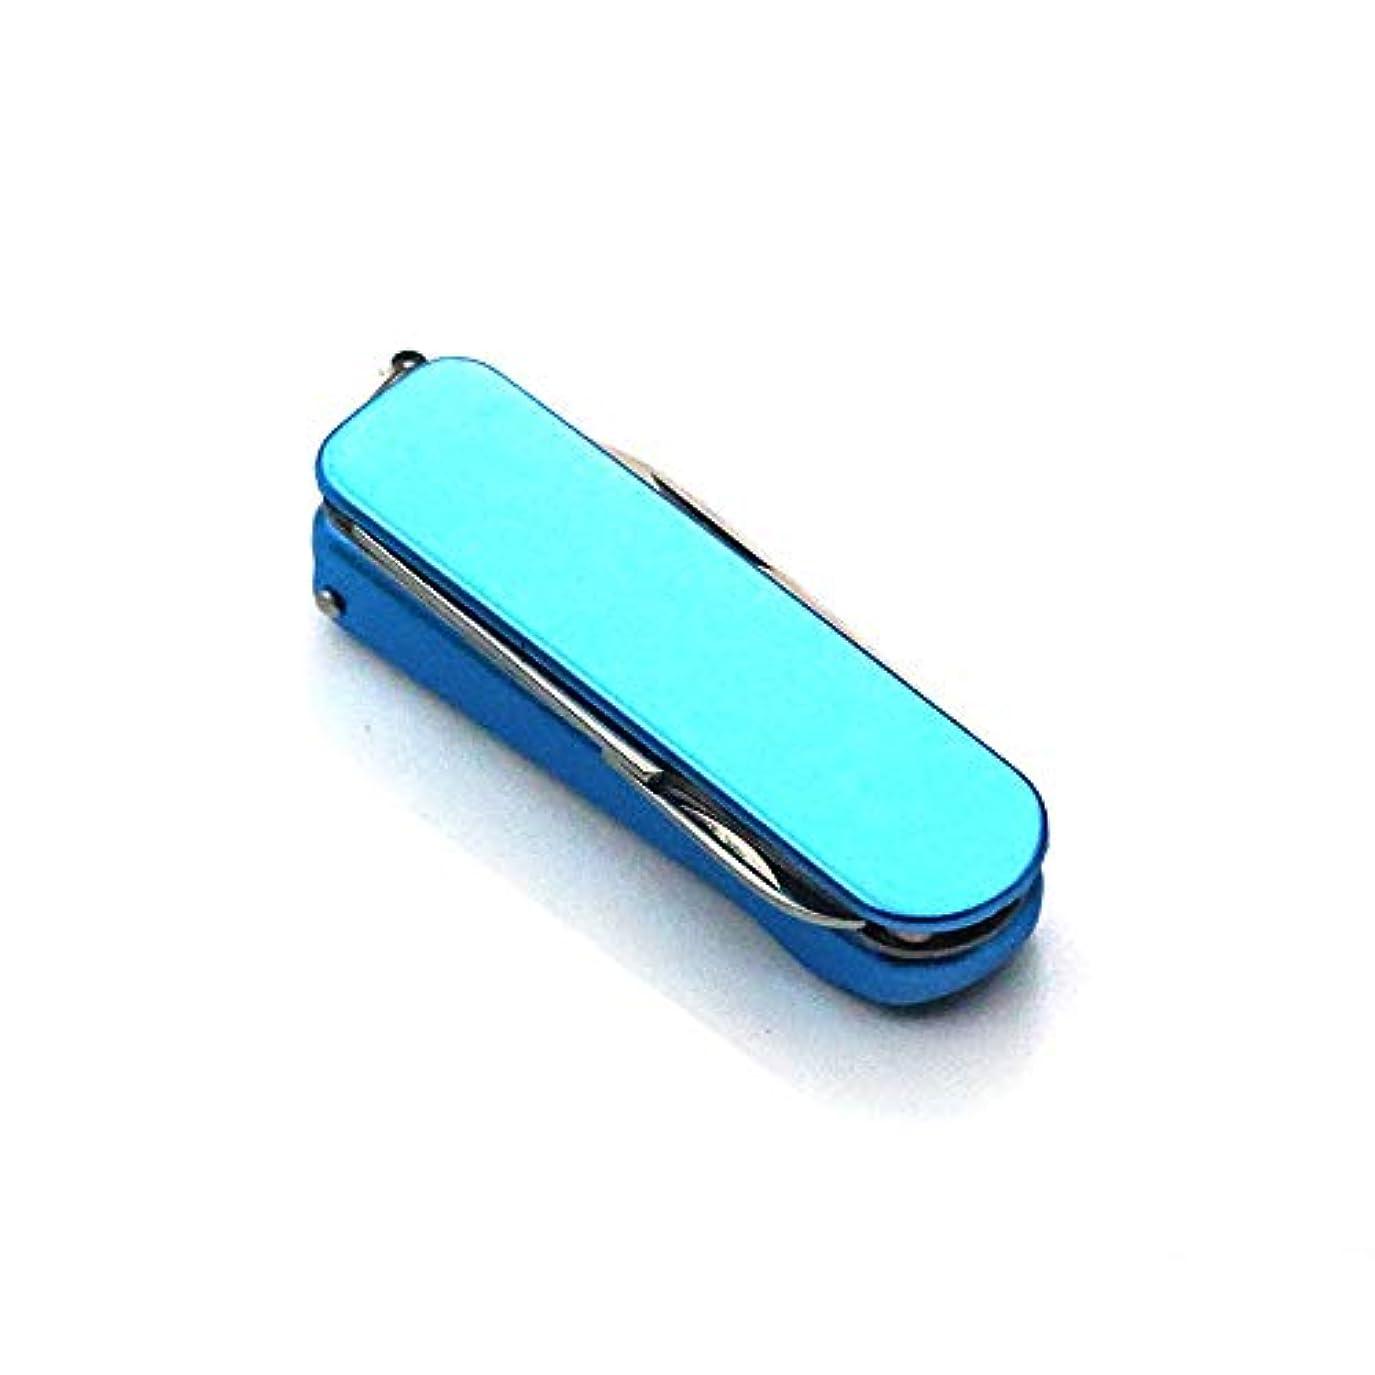 トライアスロン心臓割り込み多機能爪切り爪切り折り畳み式のステンレス製の爪切り携帯便利 ステンレス製高級つめきり、ブルー